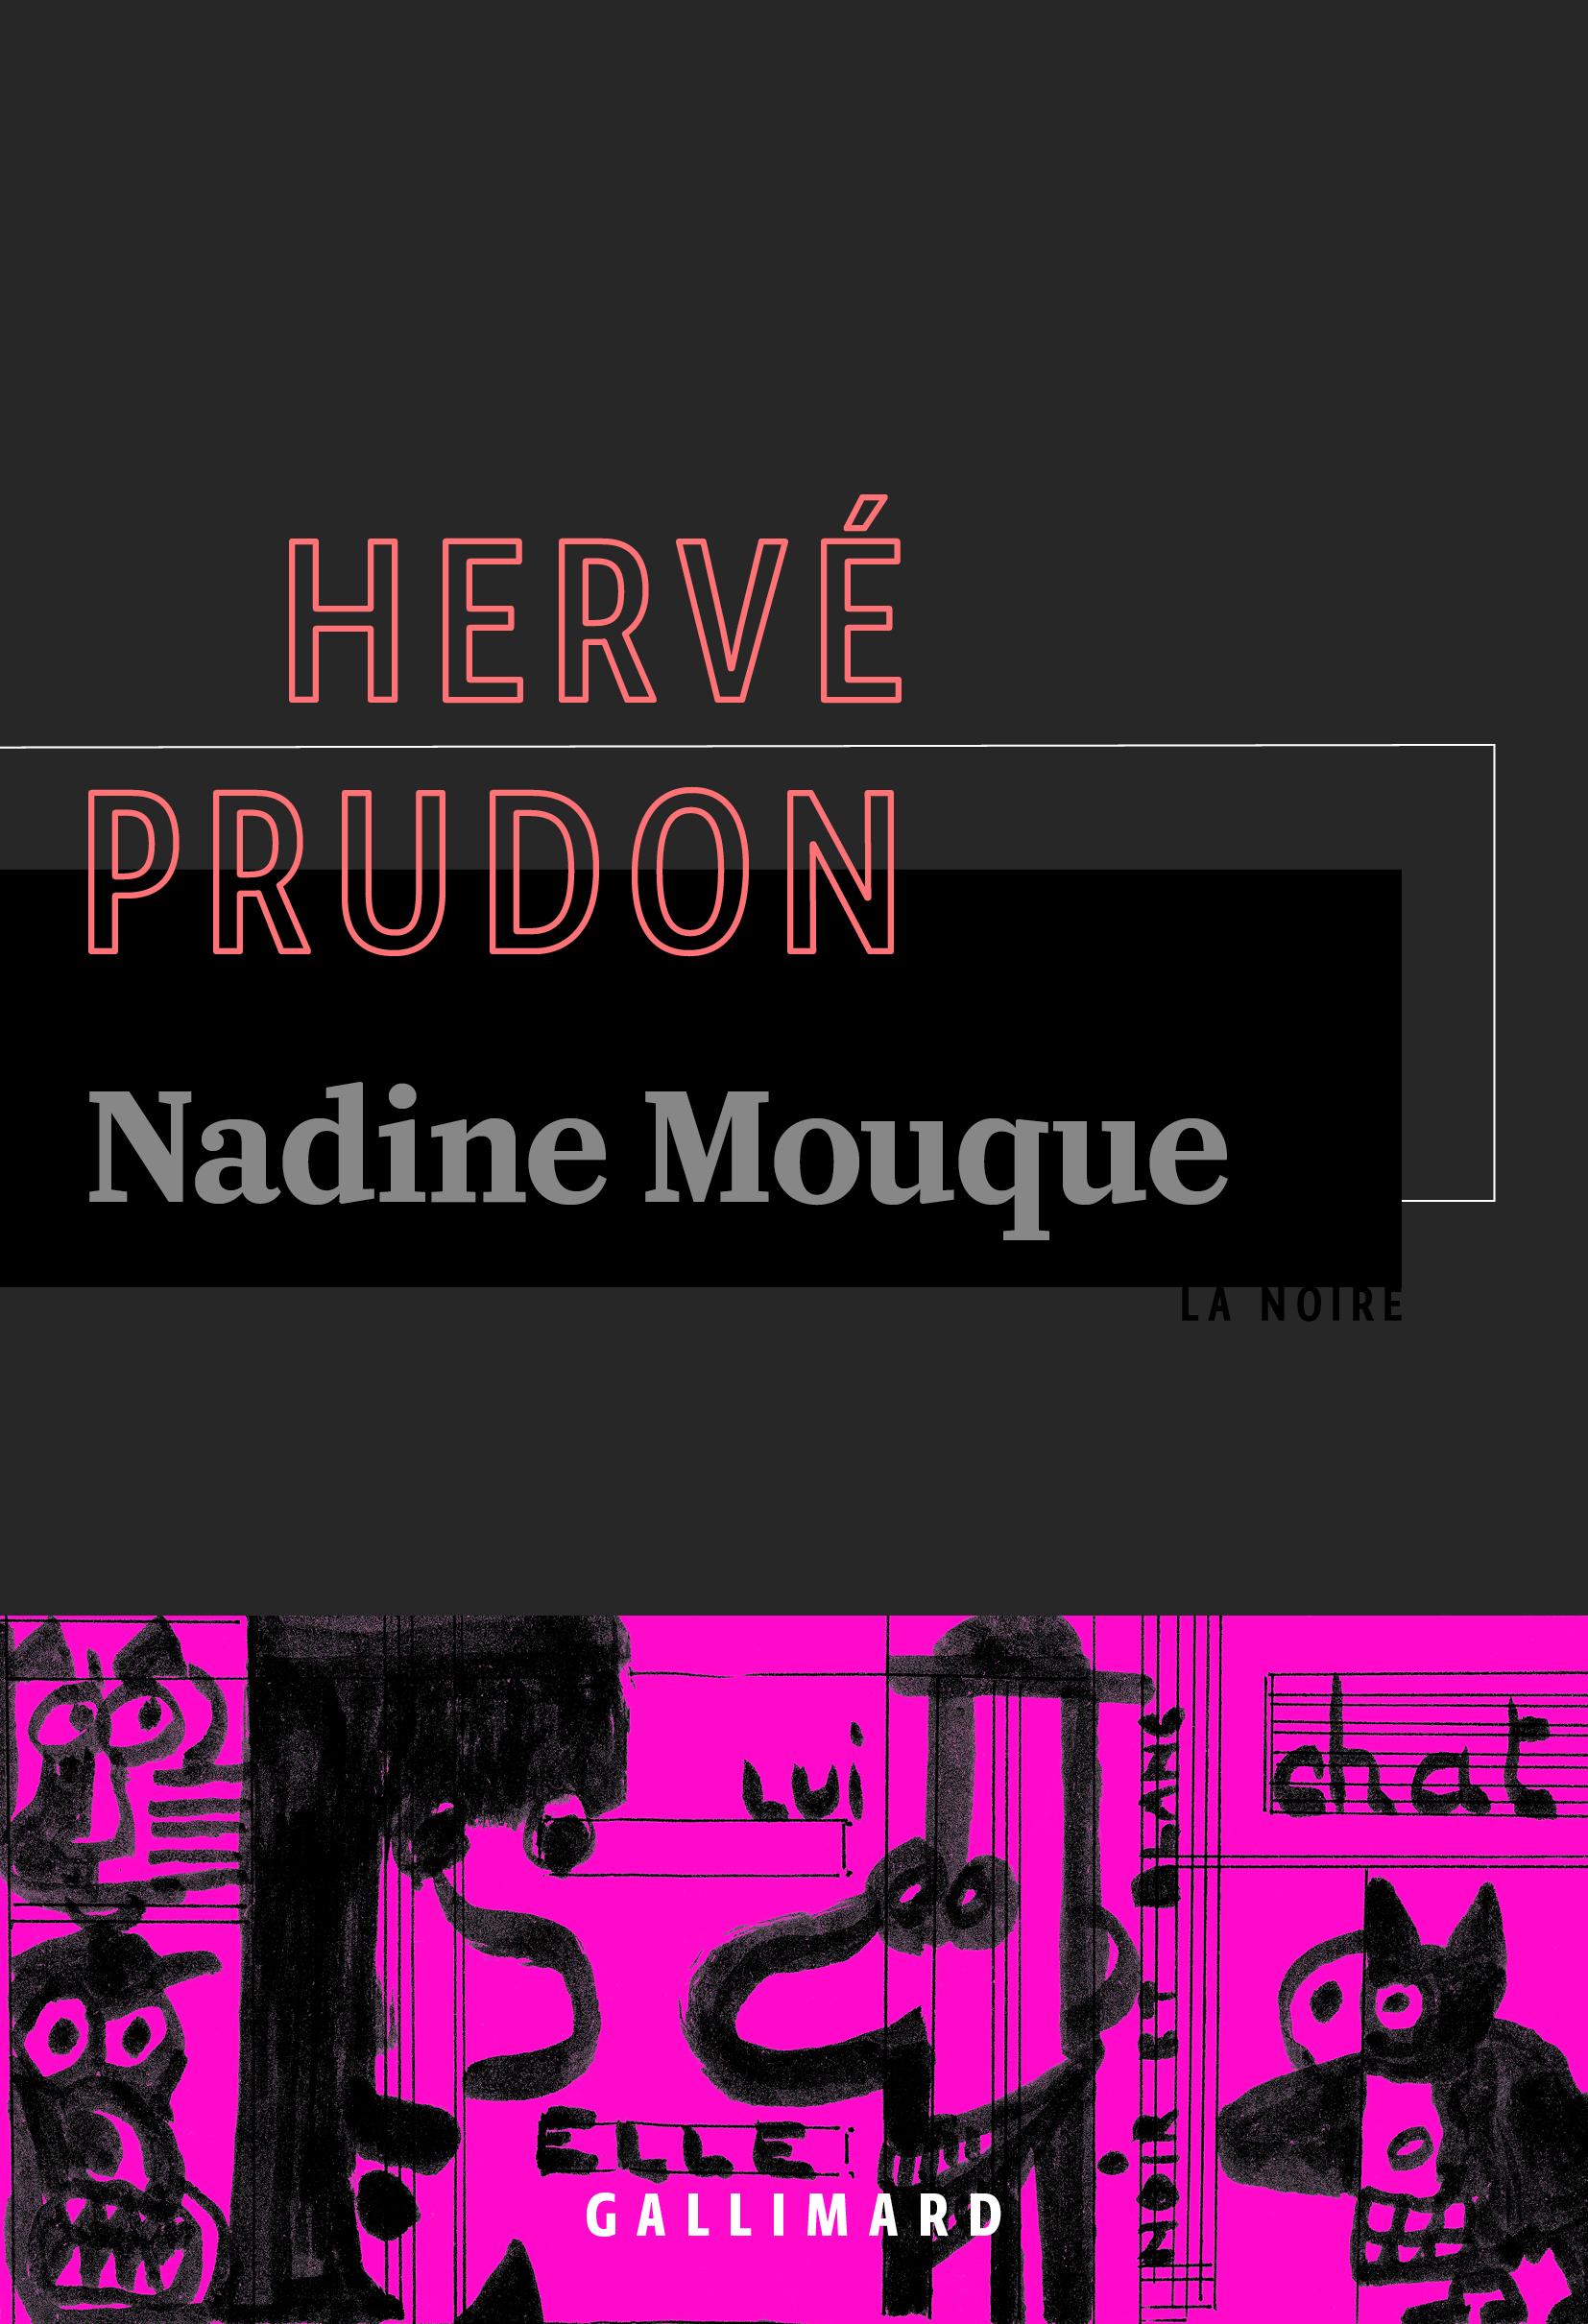 Nadine Mouque